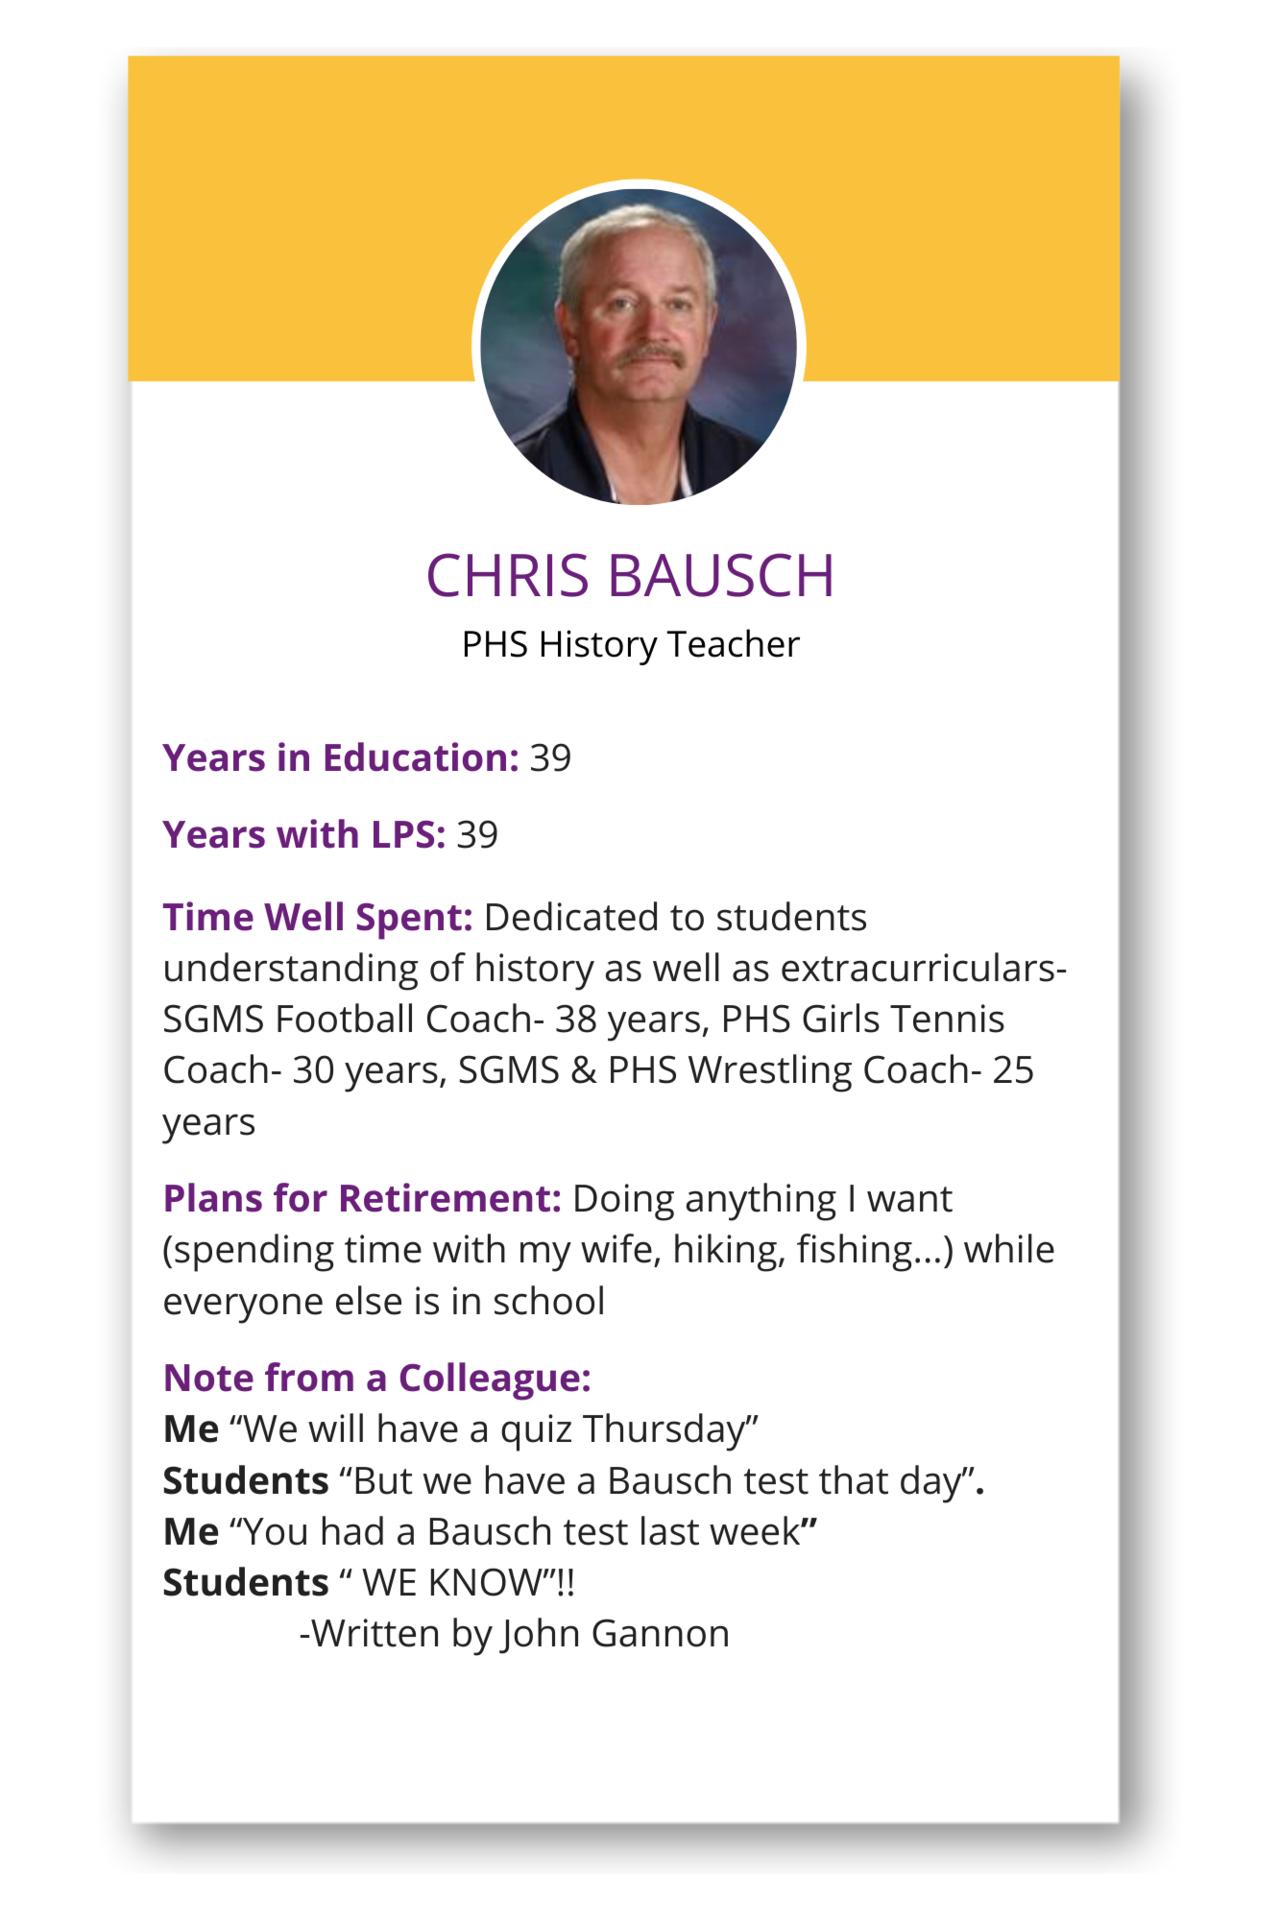 Chris Bausch Tile